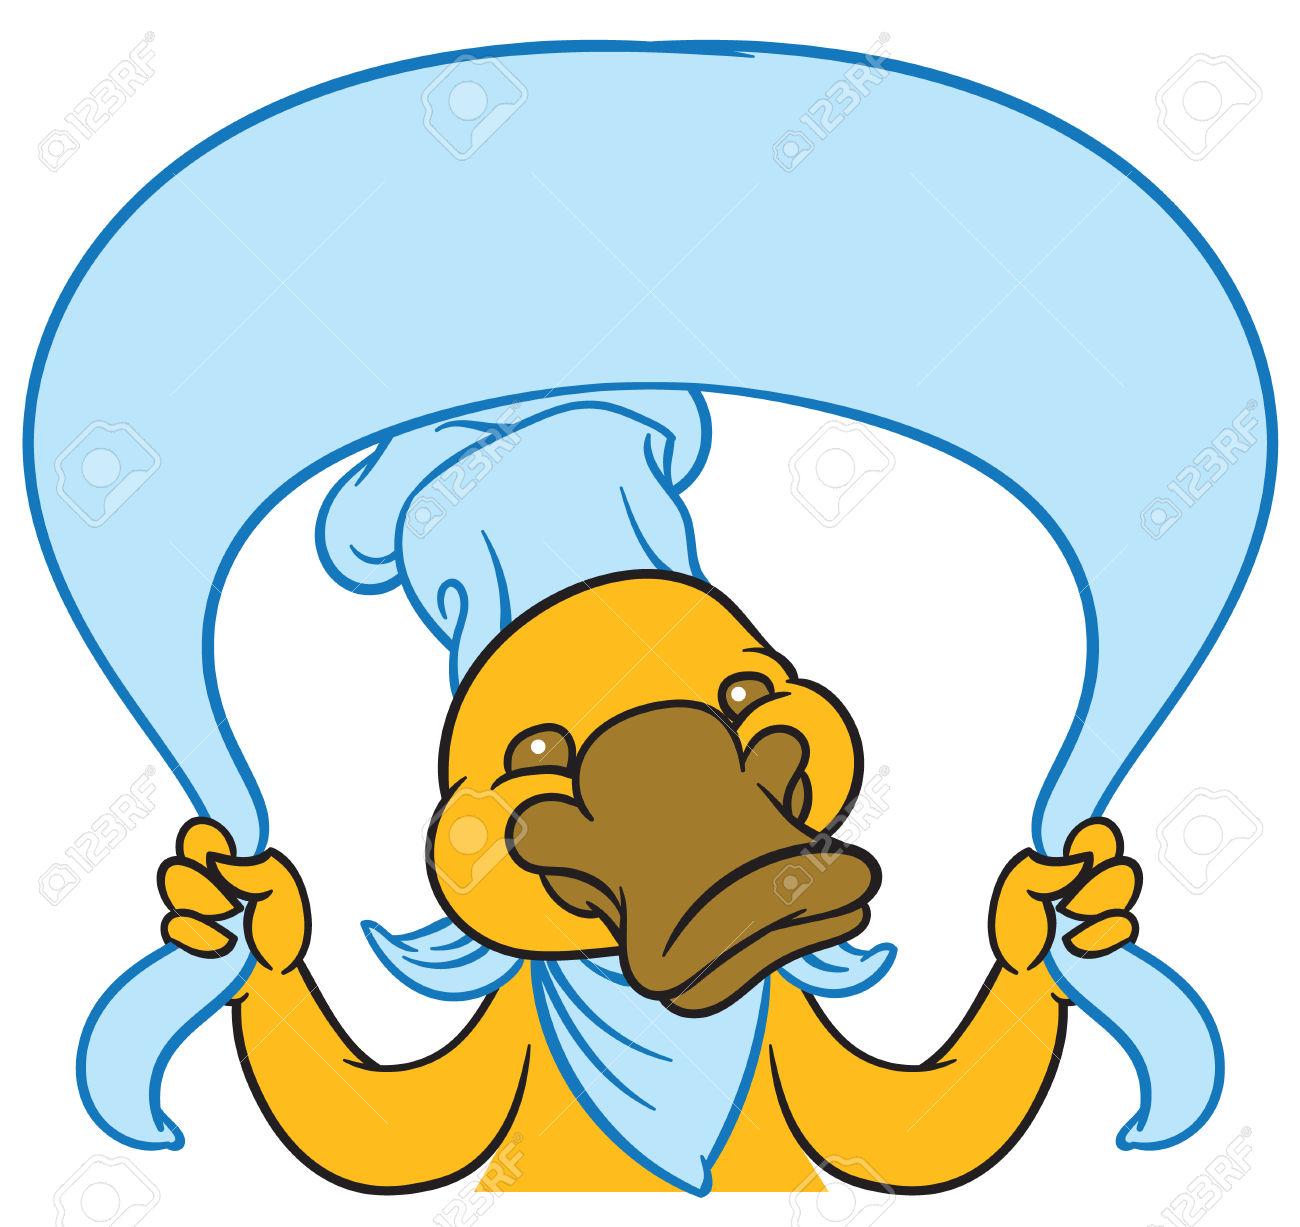 Lustige Glückliche Cartoon Platypus Oder Entenschnabel.